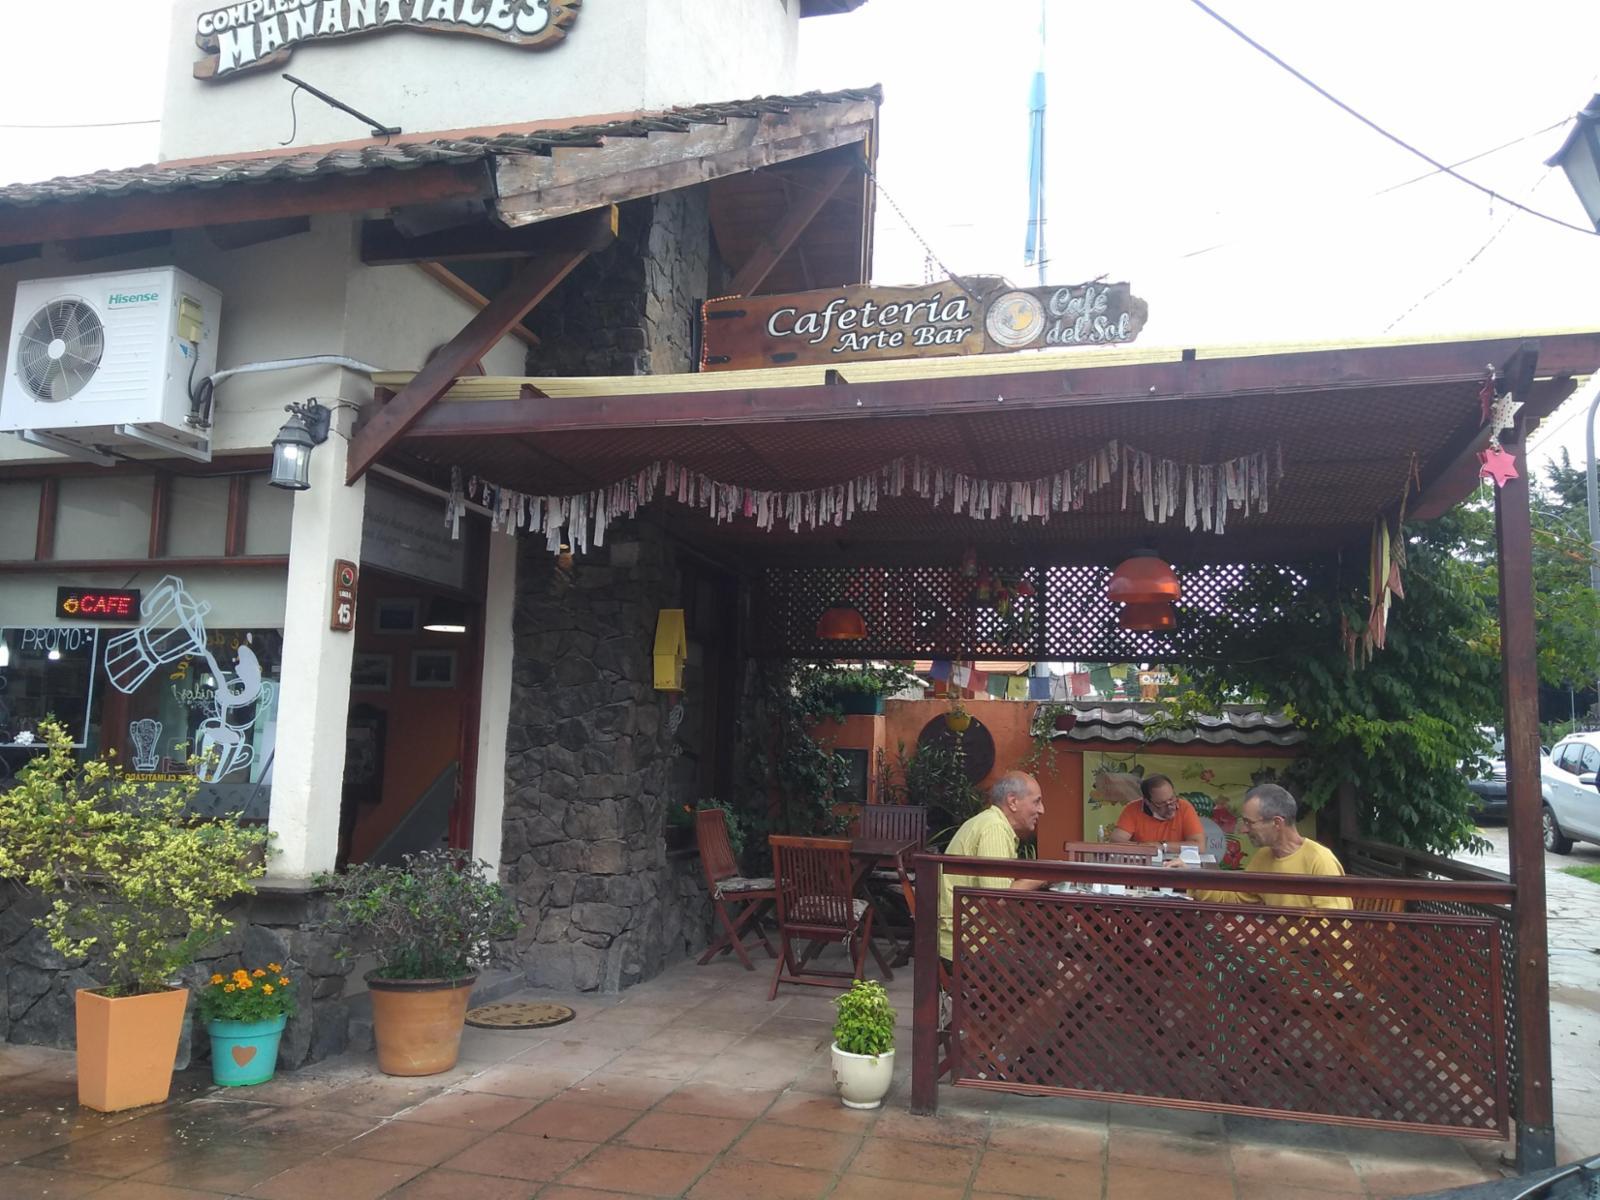 VENTA de Fondo de Comercio + Local - Cafetería - Villa General Belgrano